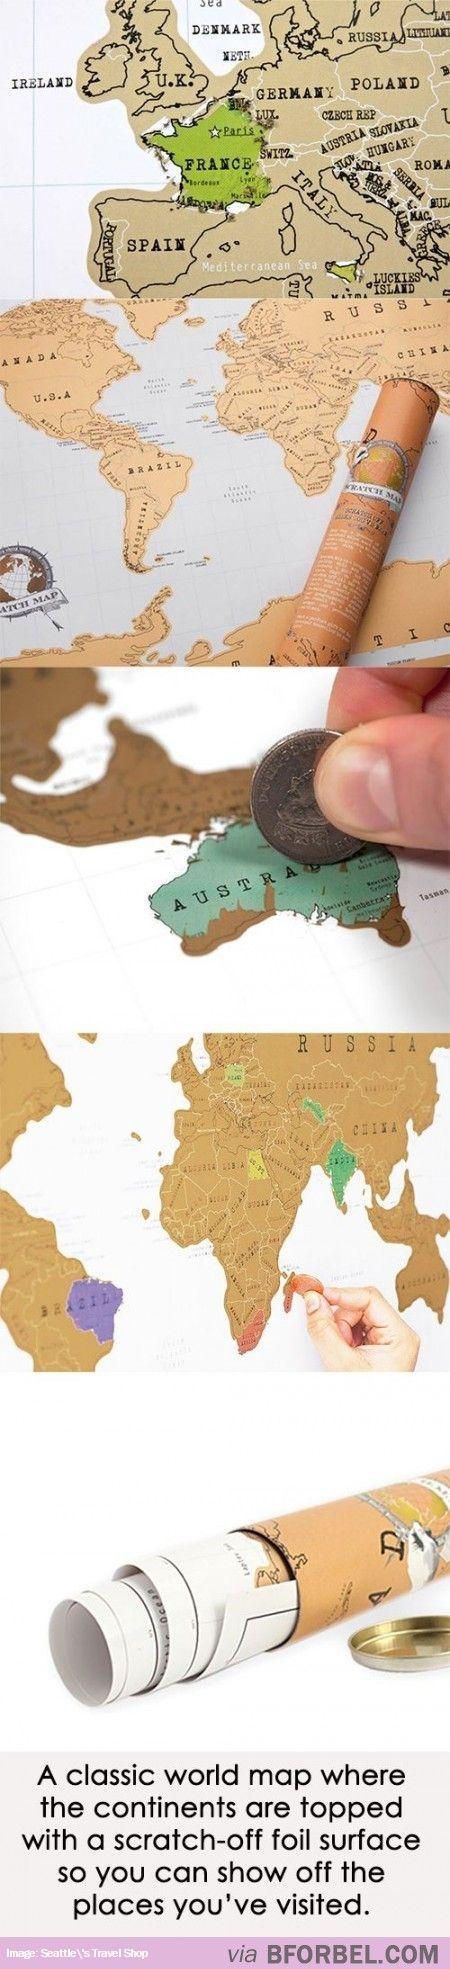 Scratch Off World Map Buckets